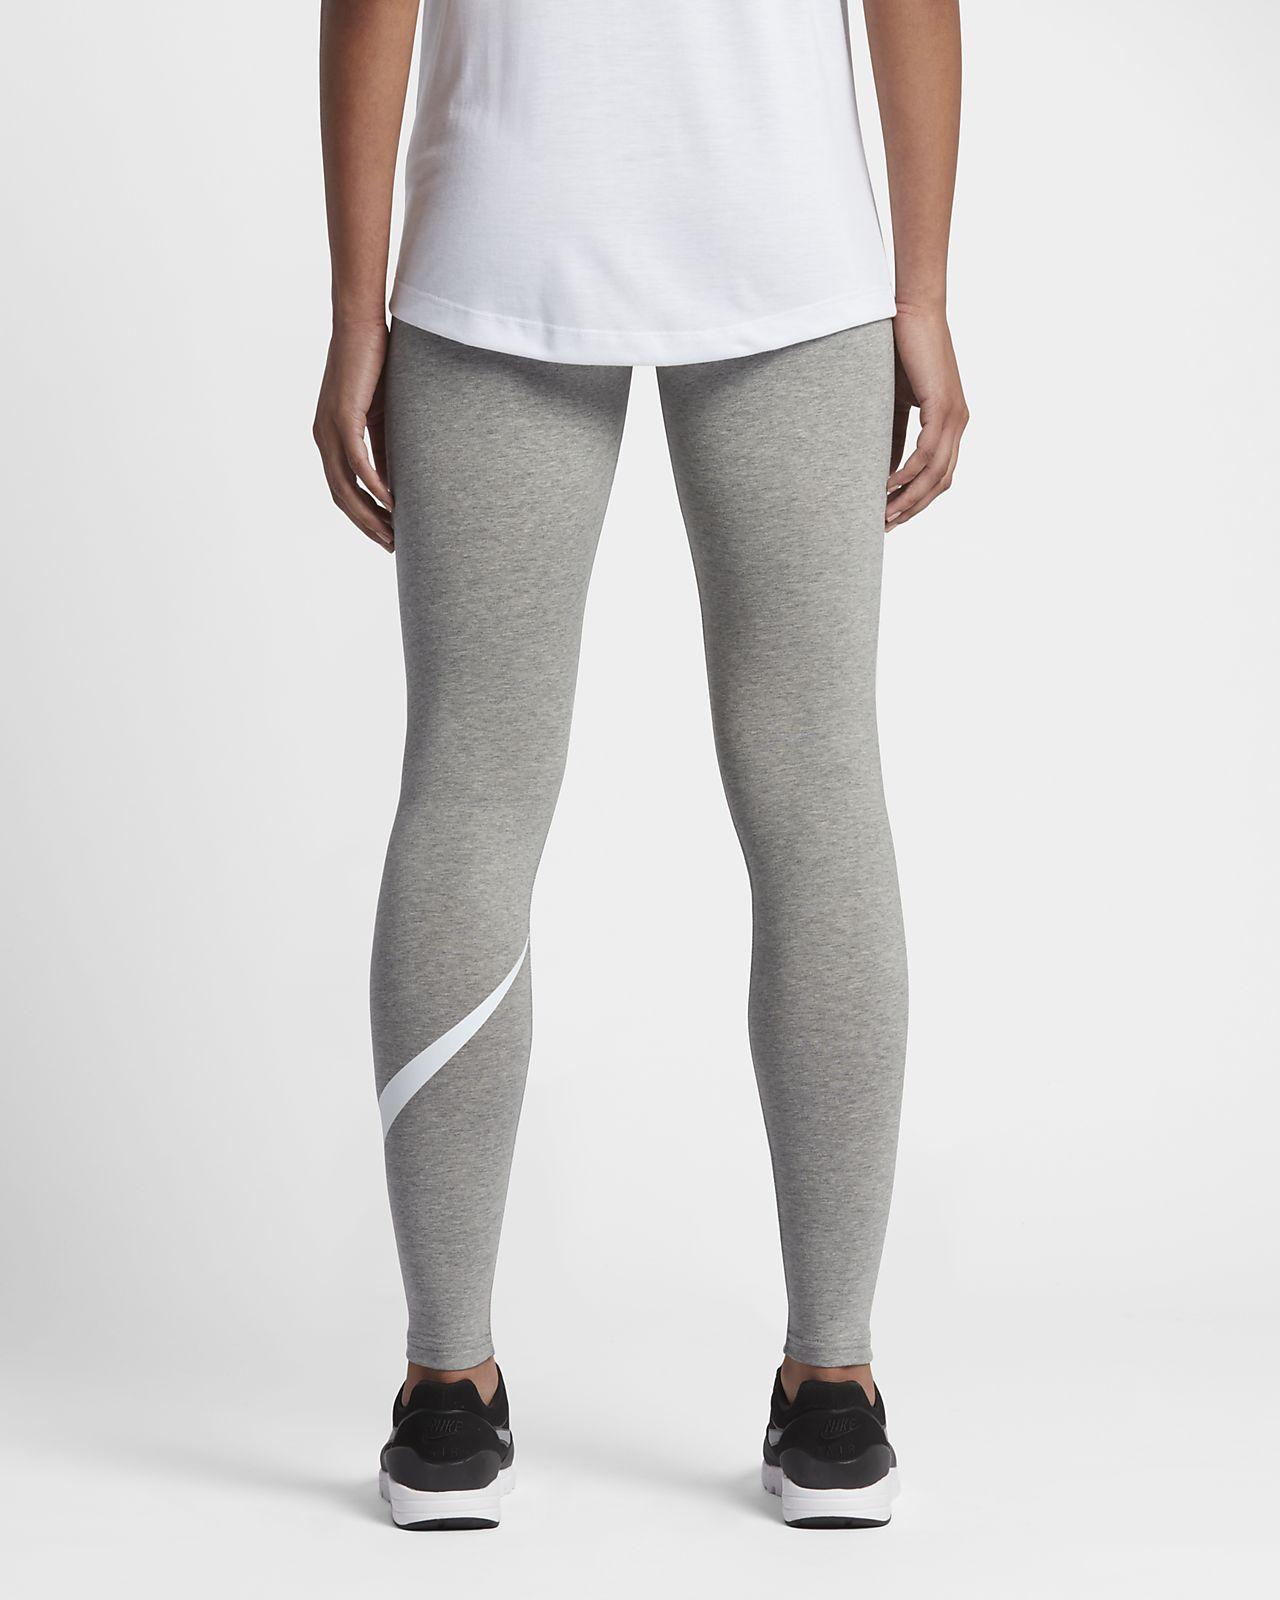 Nike High Waisted Swoosh Leggings   JD Sports